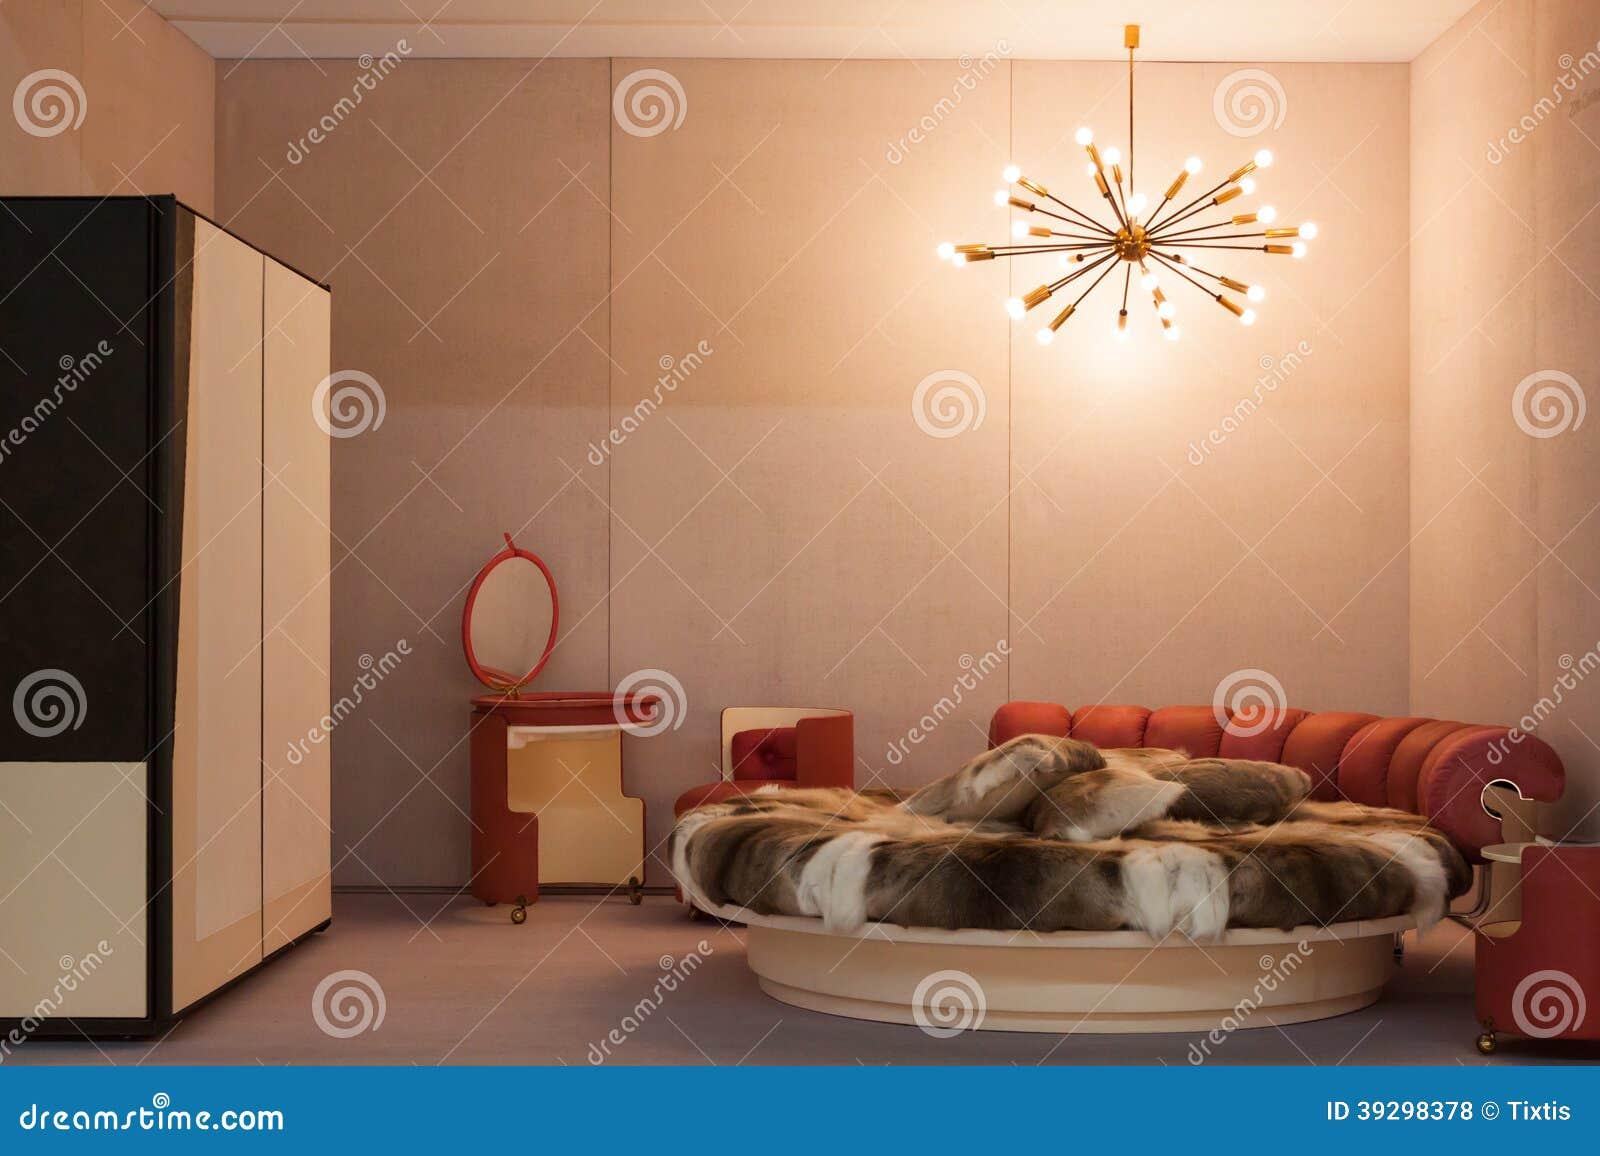 Camera da letto d 39 annata a miart 2014 a milano italia fotografia stock editoriale immagine - Camera da letto milano ...